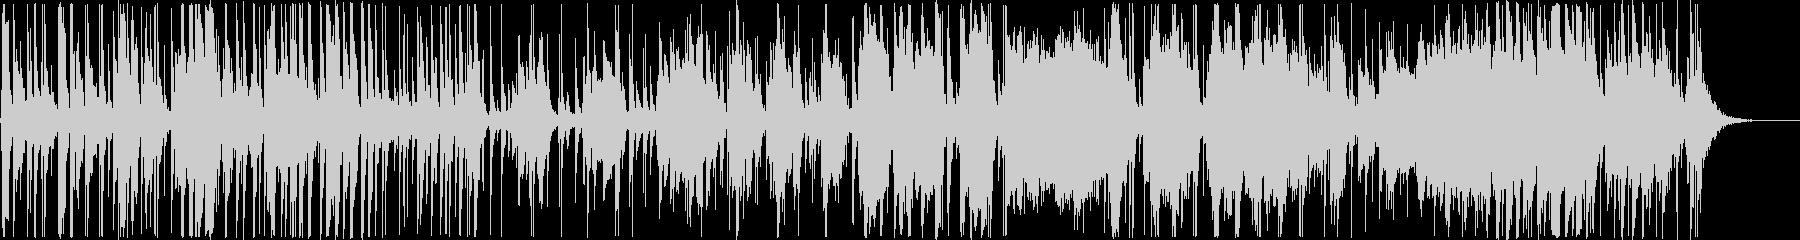 エスニック。トリオ即興ドラム、シタ...の未再生の波形